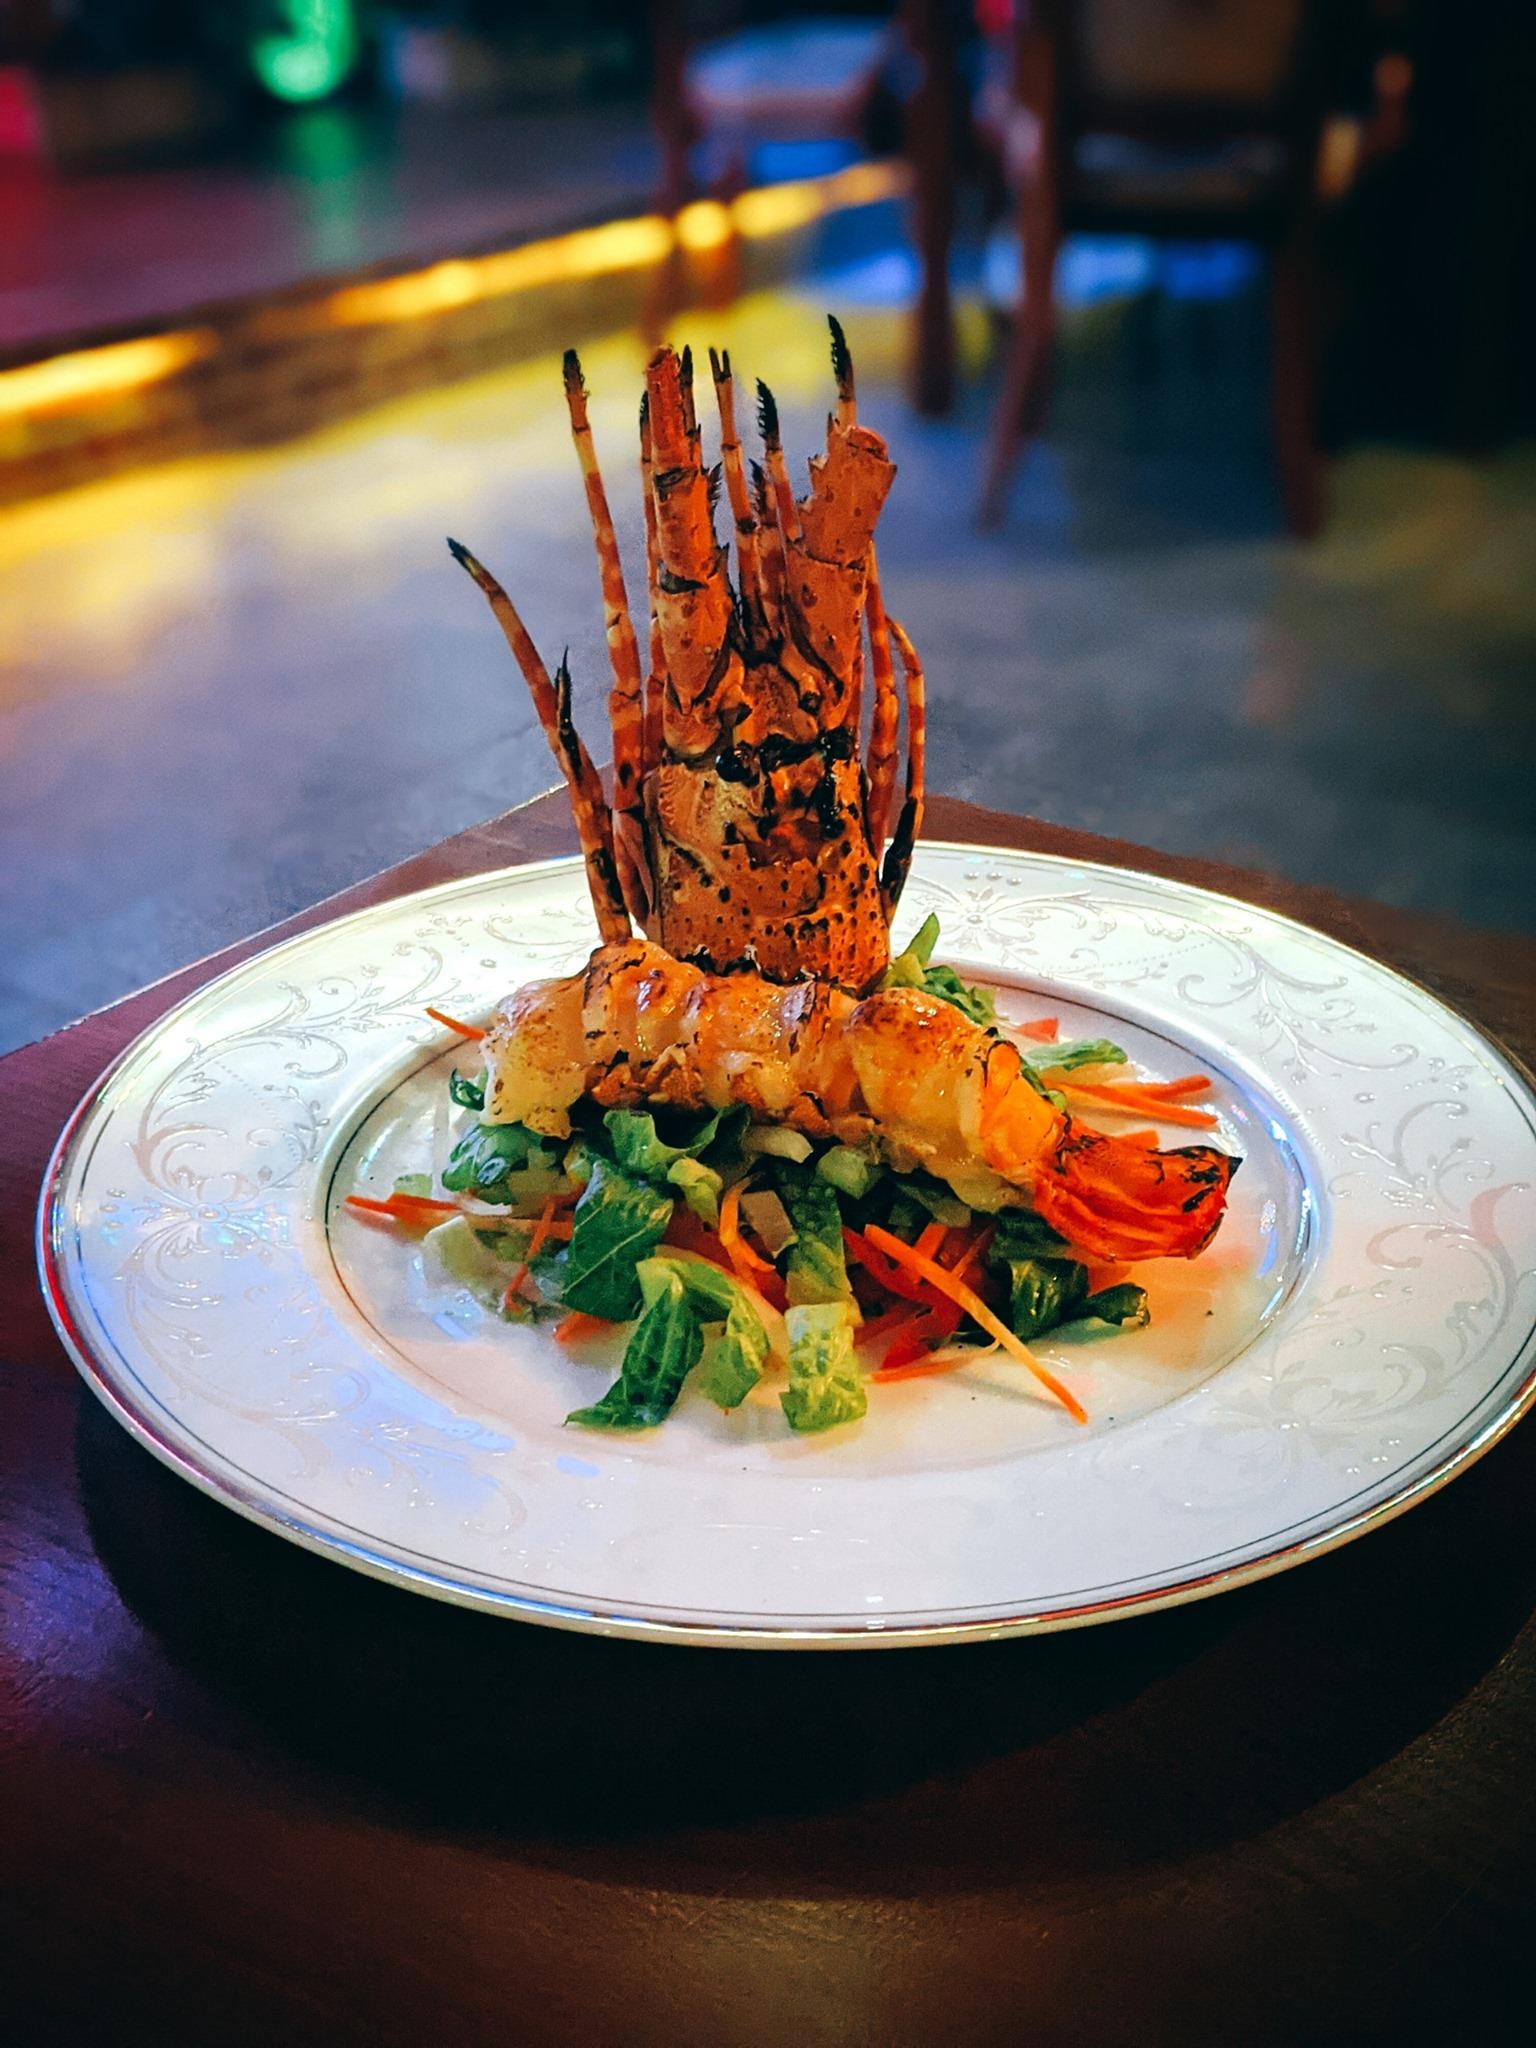 Cùng Hotel Grand Saigon thưởng thức các bữa ăn thịnh soạn với thực đơn Âu - Á tại nhà mà chẳng ngại phải đi xa. Với phong cách phục vụ mới – giao hàng tận nơi, Hotel Grand Saigon sẽ mang đến cho thực khách những món ăn hấp dẫn và đảm bảo hương vị tươi ngon.